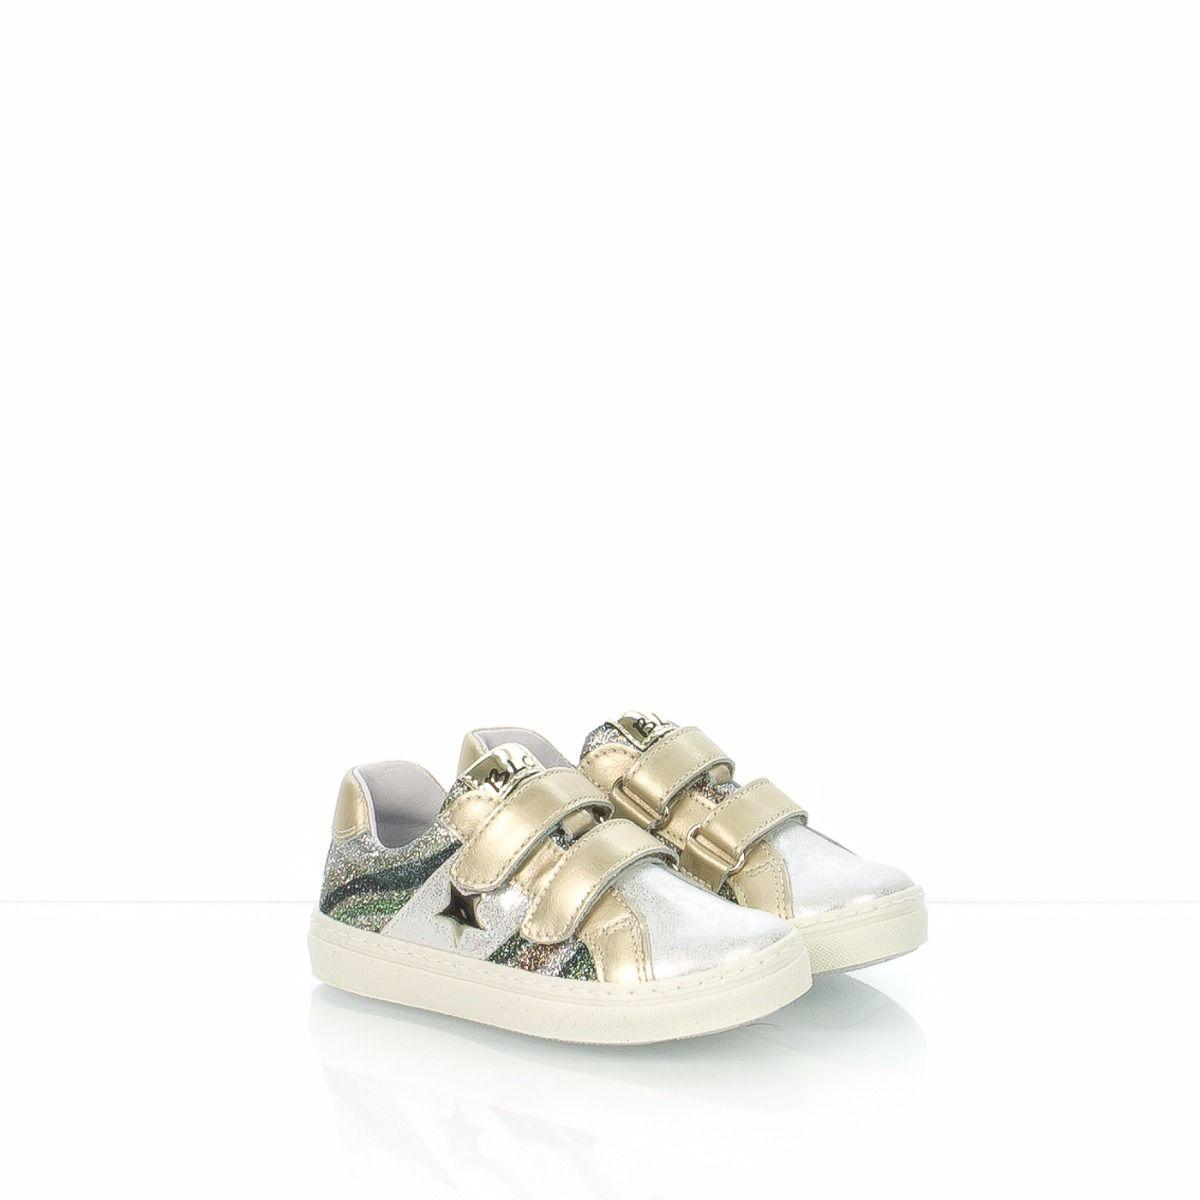 Balocchi Oro Strappi Stella Spedizione 8nwpx0ok 476662v Bambina Sneakers rshQdt